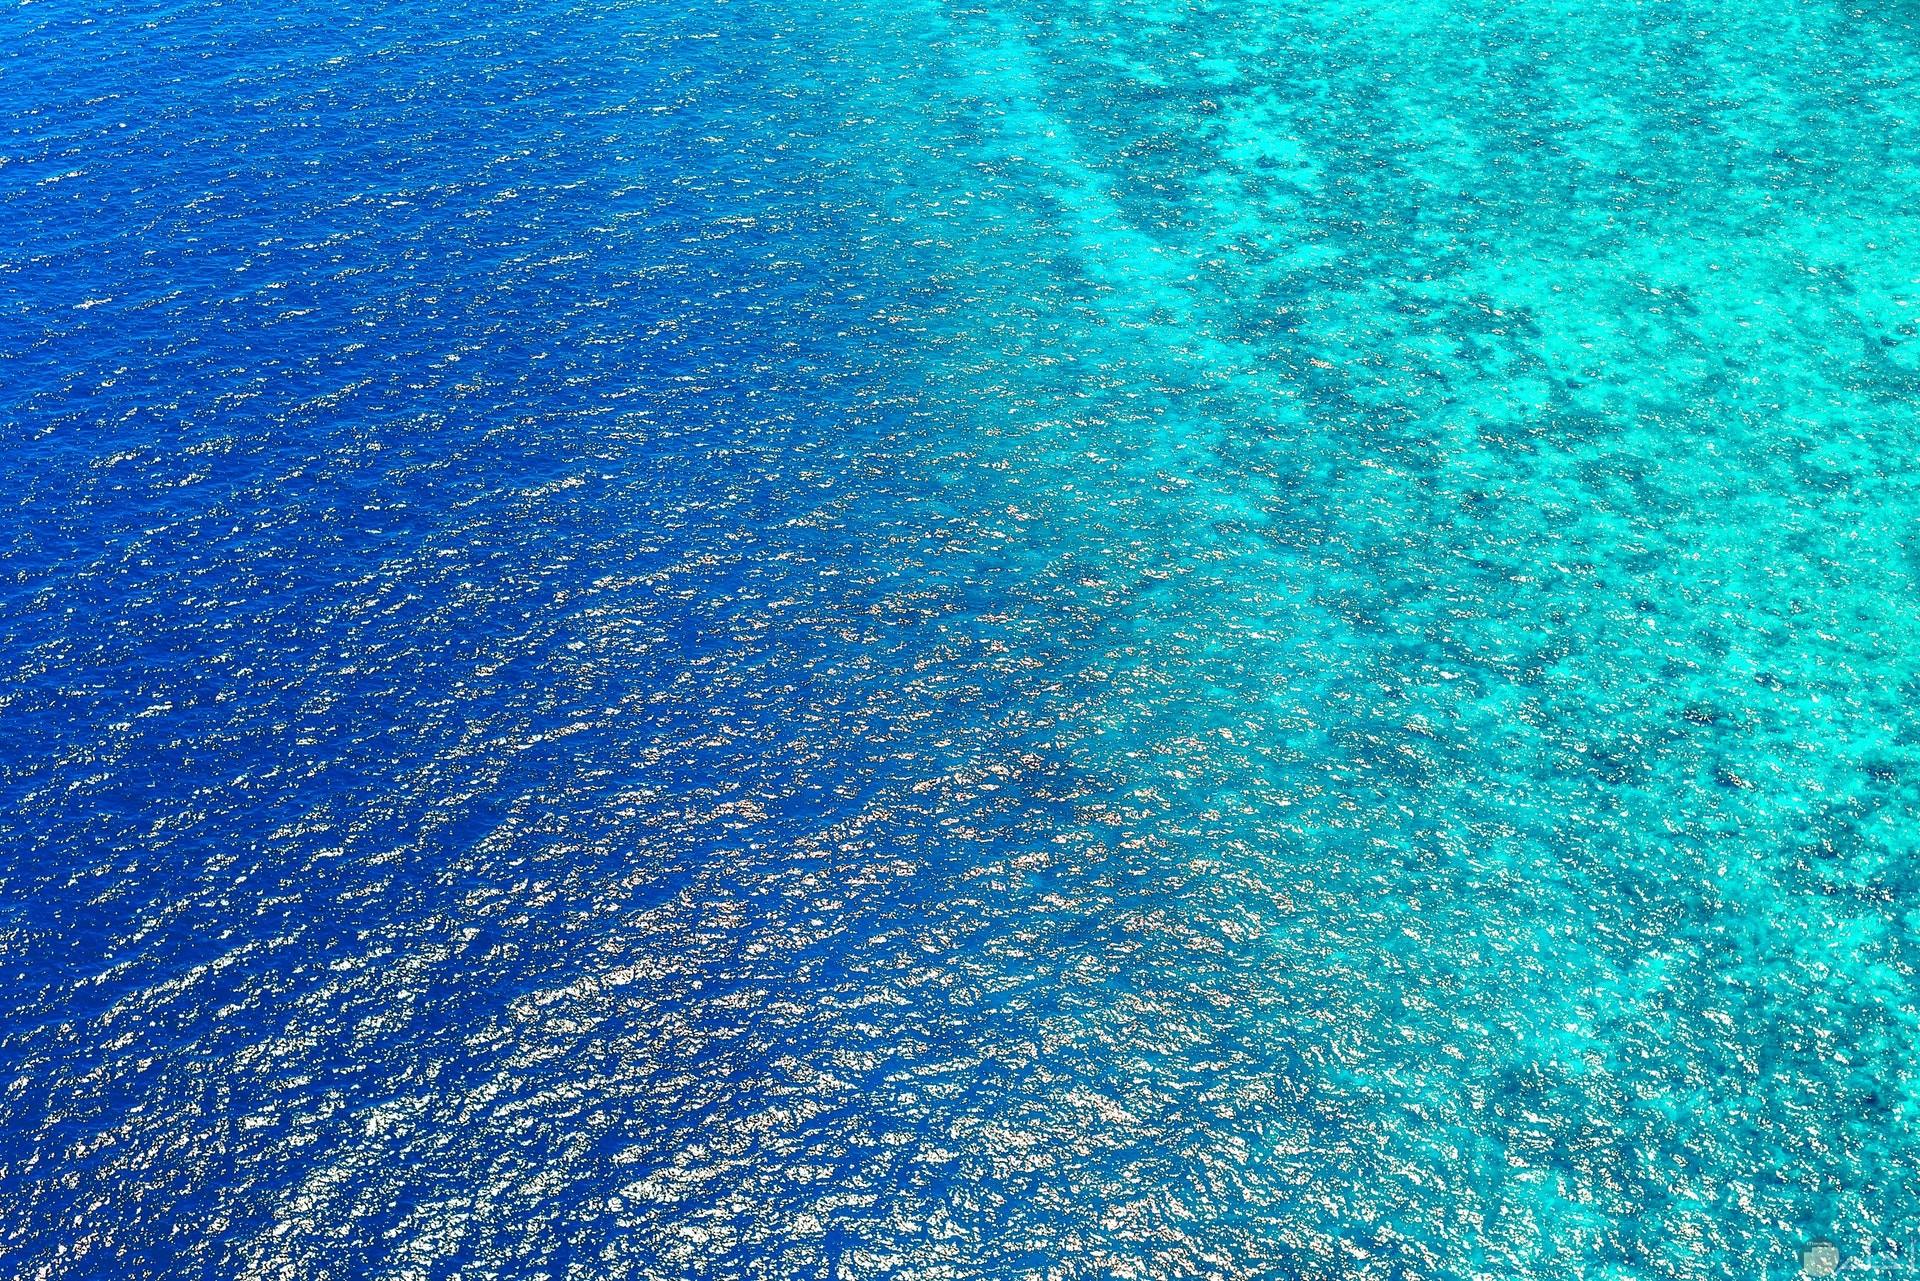 صورة حلوة جدا للفيس بوك لبحر صافي ويعطي شعور بالإسترخاء